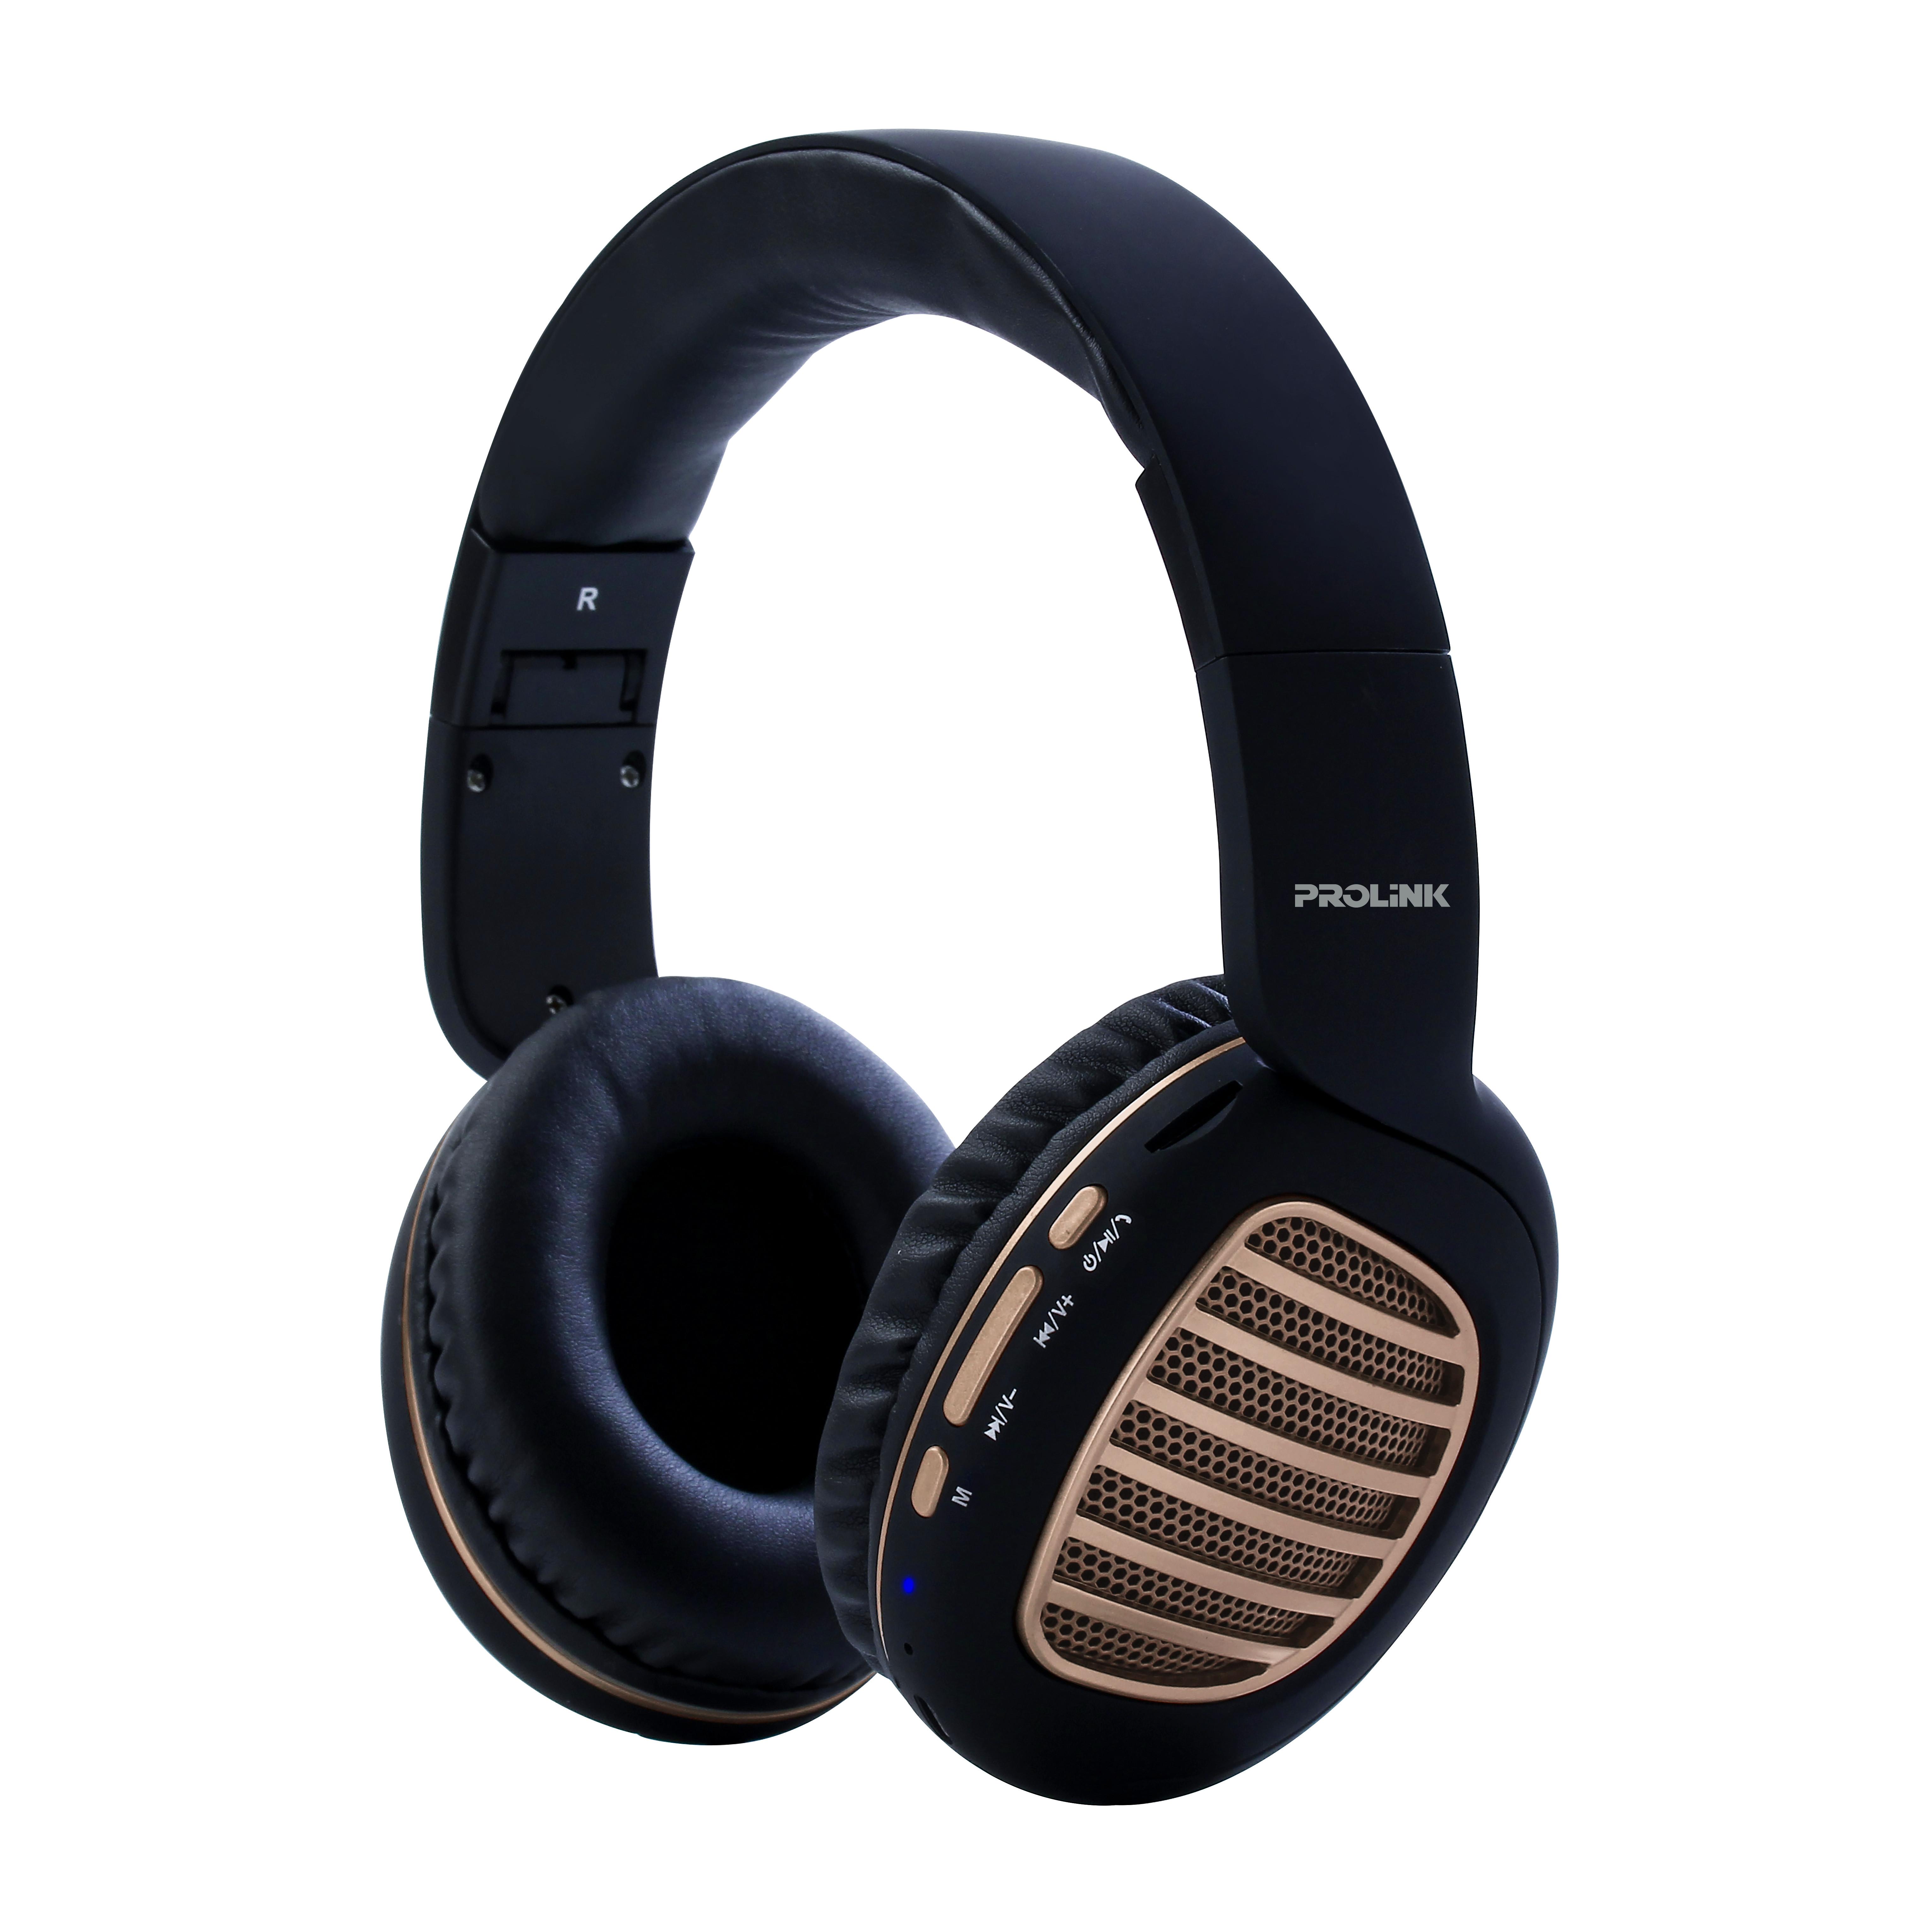 Tai nghe bluetooth Prolink PHB6005E - Hàng chính hãng